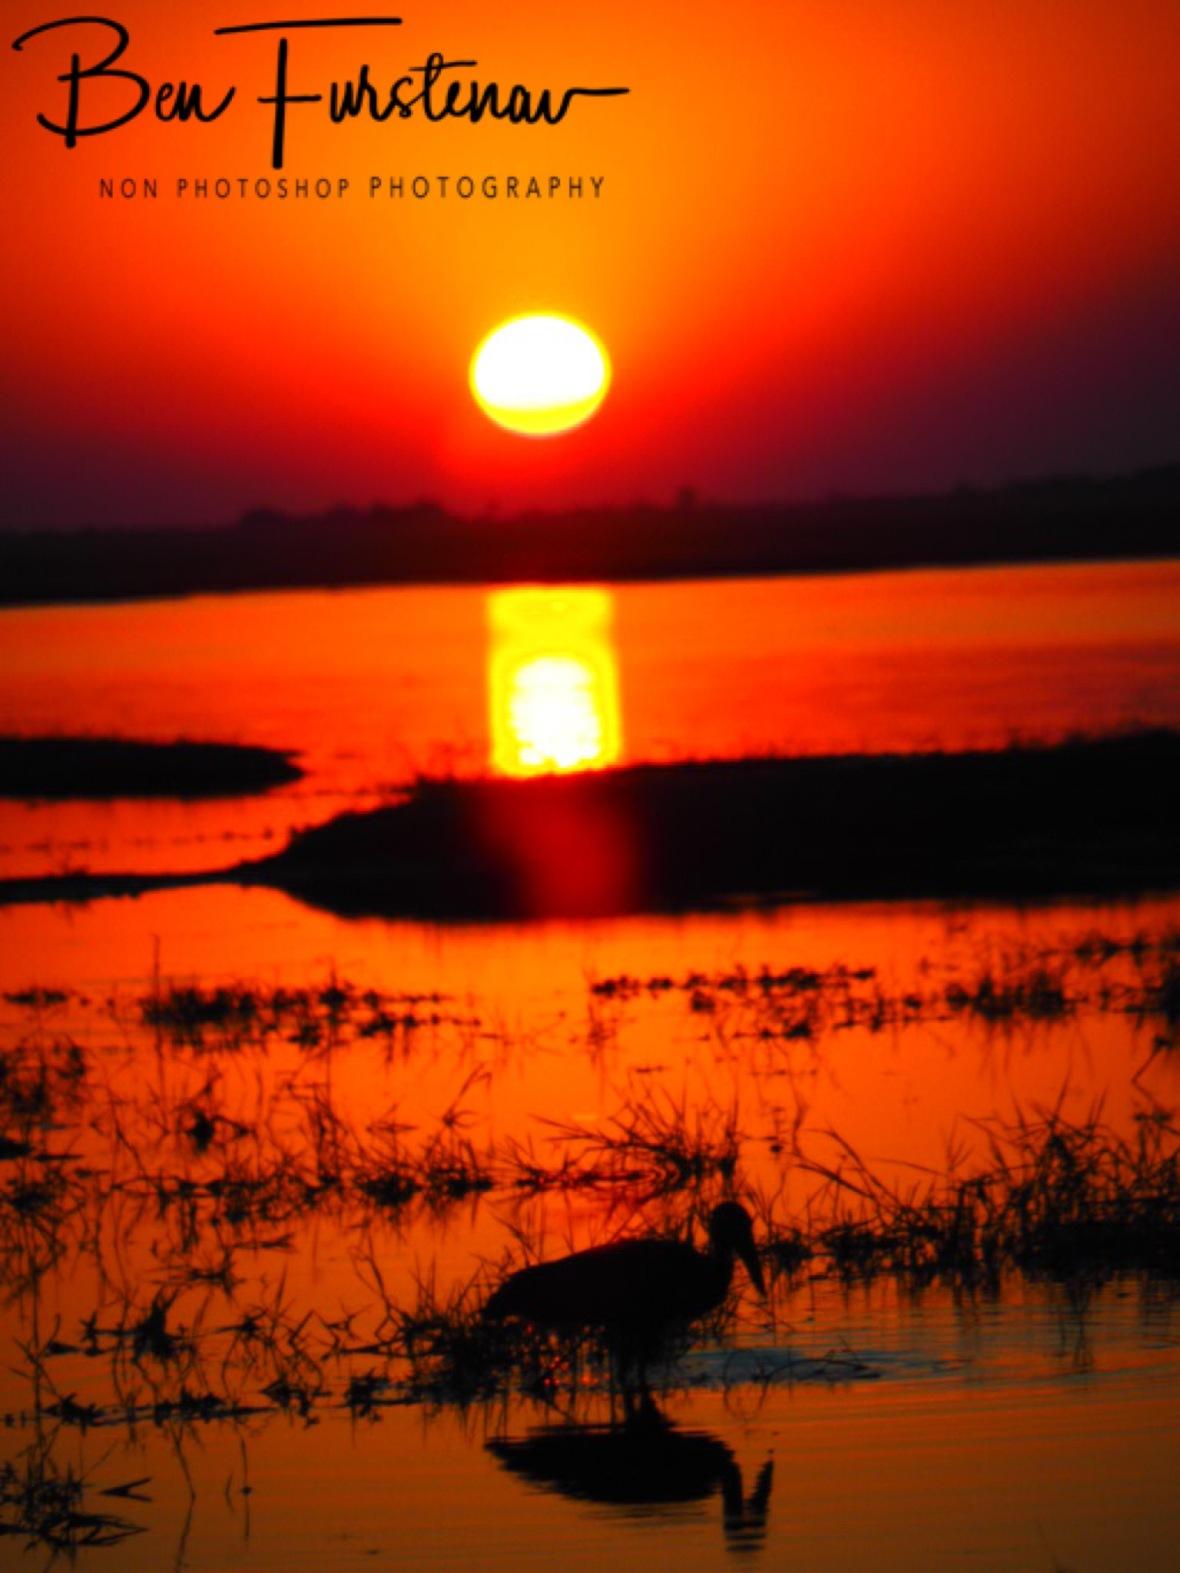 Birdlife sunset, Chobe National Park, Botswana